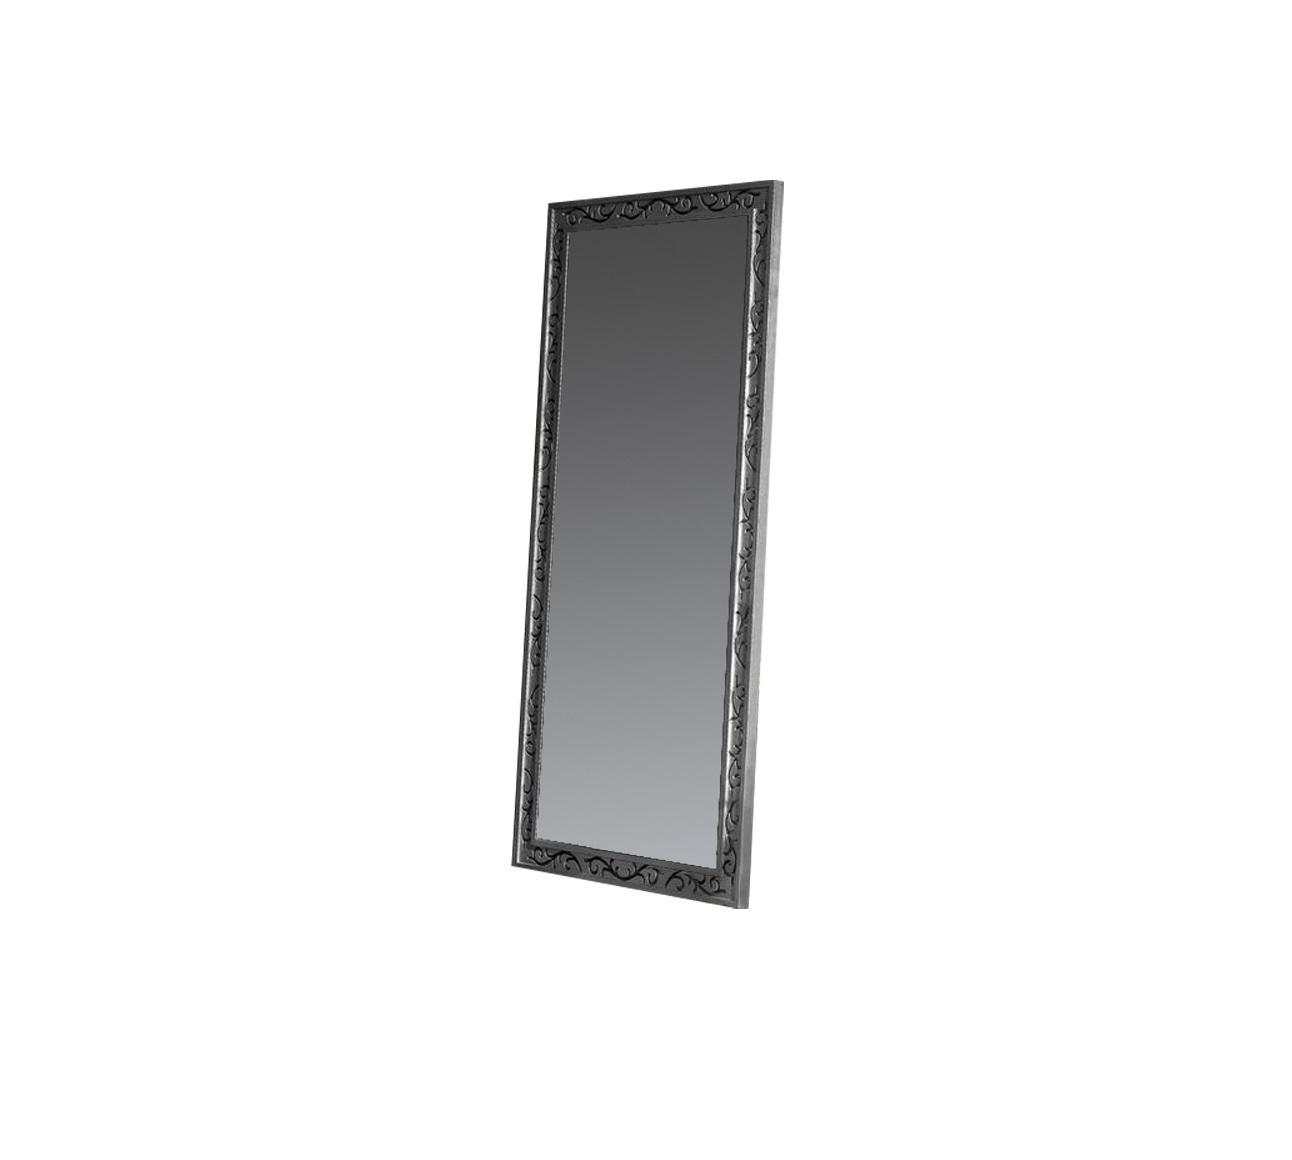 Напольное зеркало VeronaНапольные зеркала<br>Verona – изысканный аксессуар для интерьера во французском стиле. Прямоугольная форма в сочетании с изящным декором создает воздушный образ. Зеркальное полотно заключено в классическую раму, украшенную великолепным узором. Сквозной орнамент, выполненный лазером, демонстрирует поистине филигранную работу итальянских мастеров Fratelli Barri. Благородный оттенок «под сусальное серебро» придает модели антикварный лоск.&amp;amp;nbsp;<br><br>Material: Дерево<br>Length см: None<br>Width см: 90.0<br>Depth см: None<br>Height см: 190.0<br>Diameter см: None